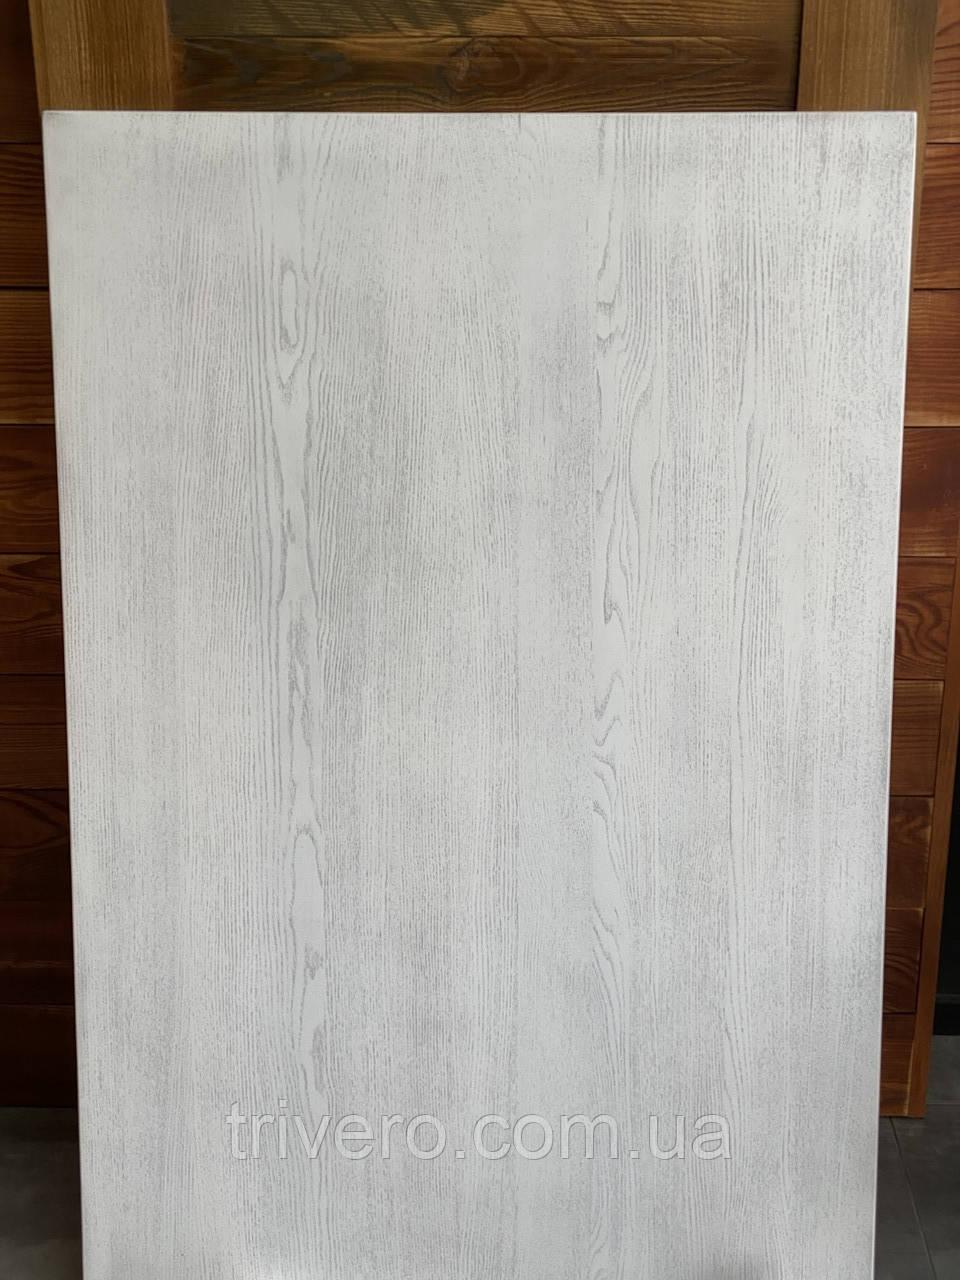 Деревянная столешница. Столешница из дерева под заказ